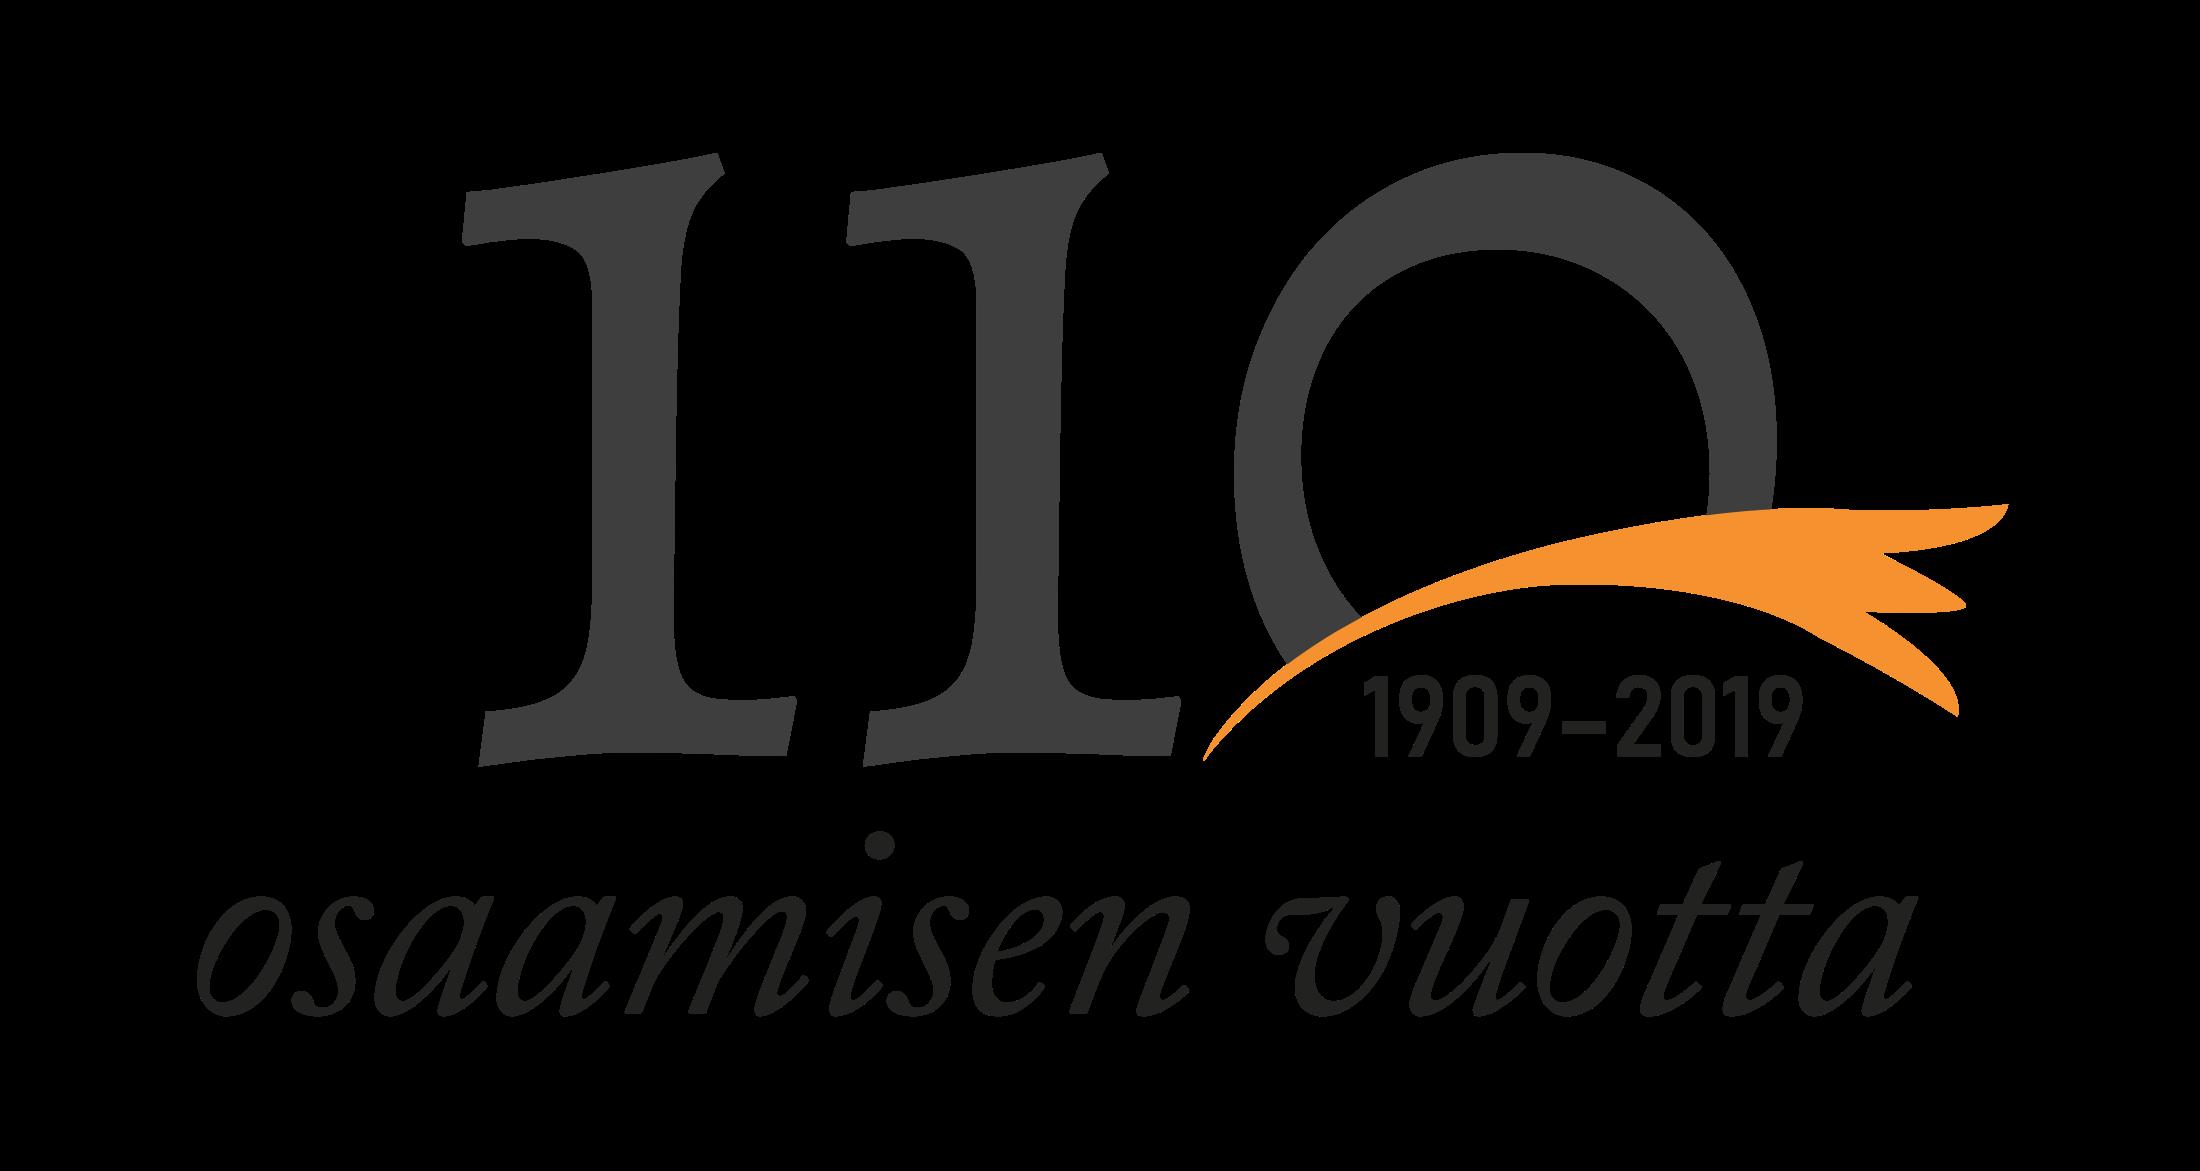 110 osaamisen vuotta